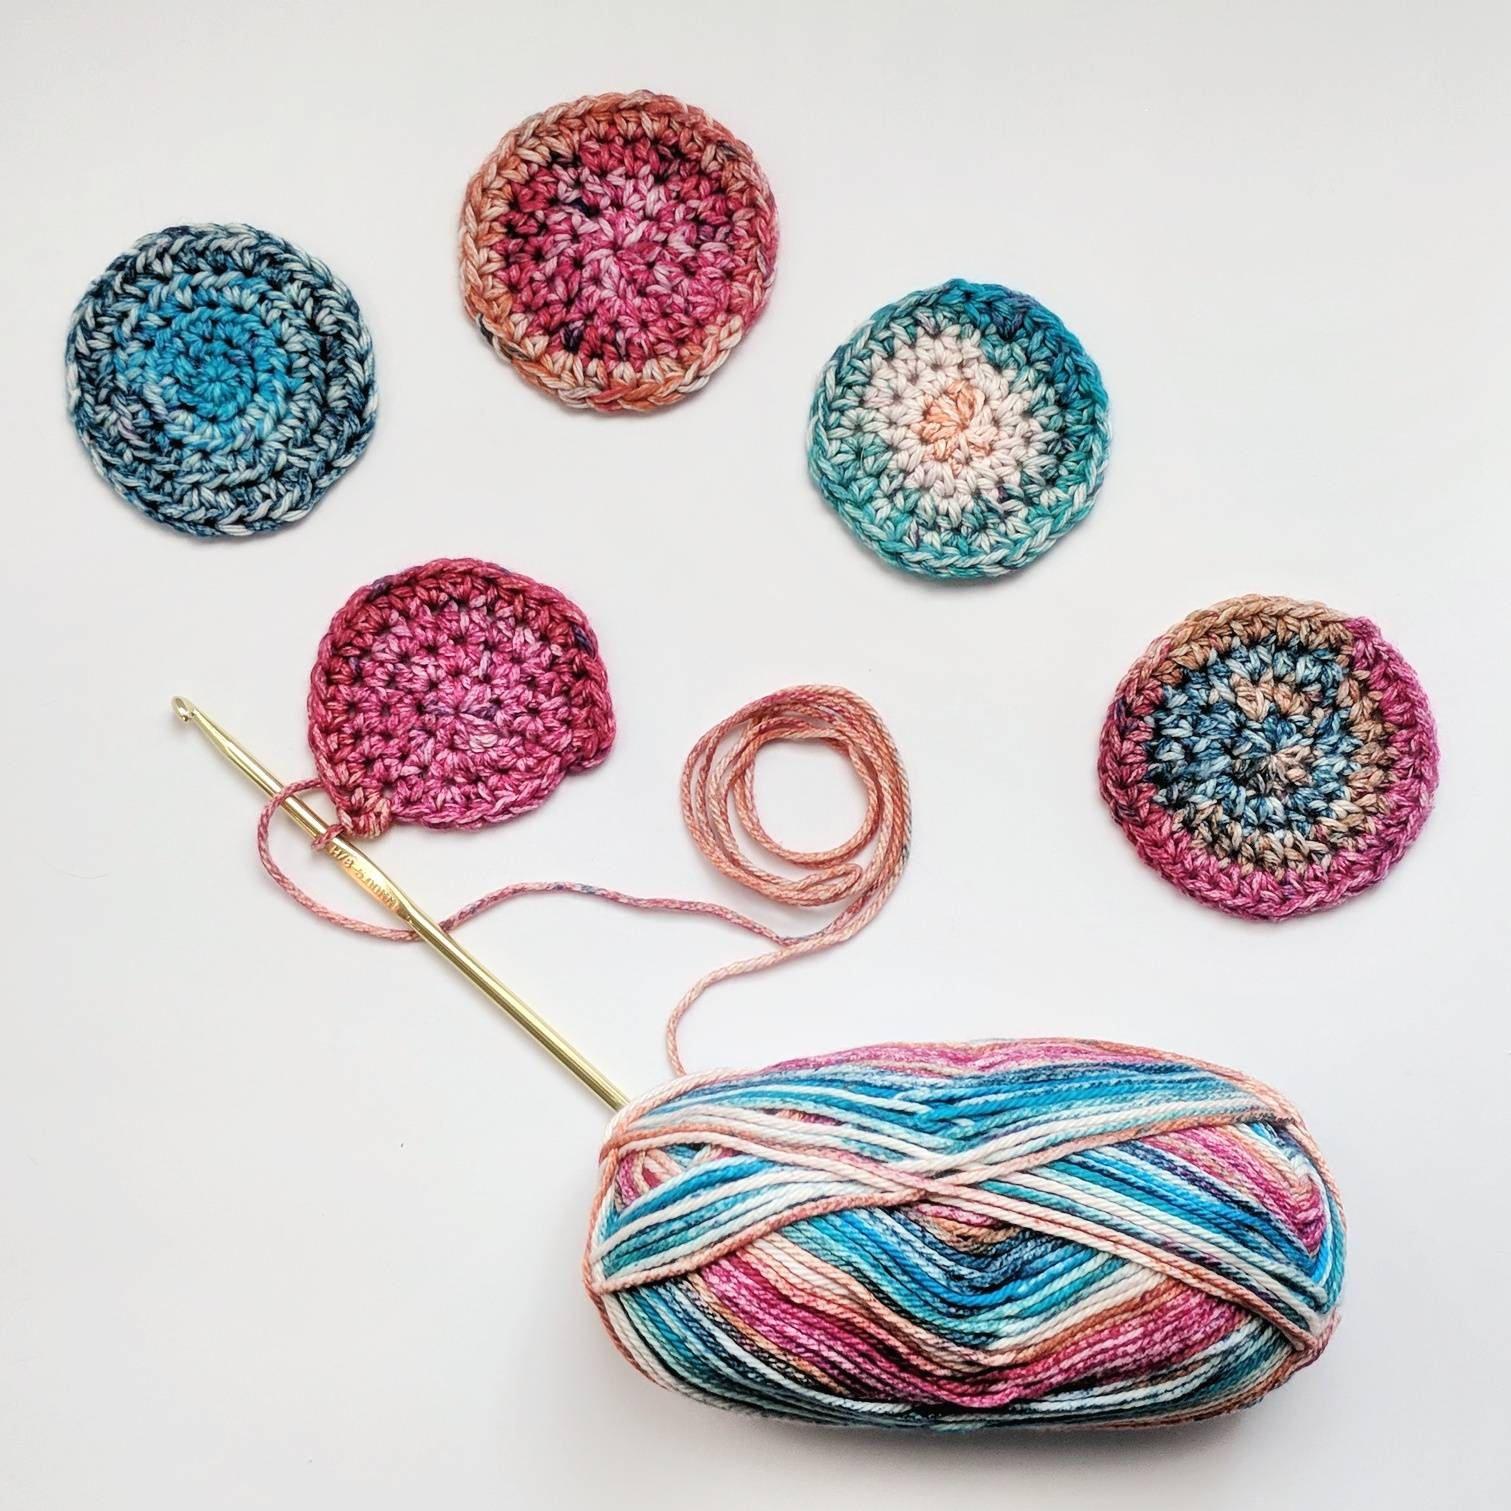 Reusable Cotton Rounds - 3 Pack - Cotton Makeup Remover - Crochet ...